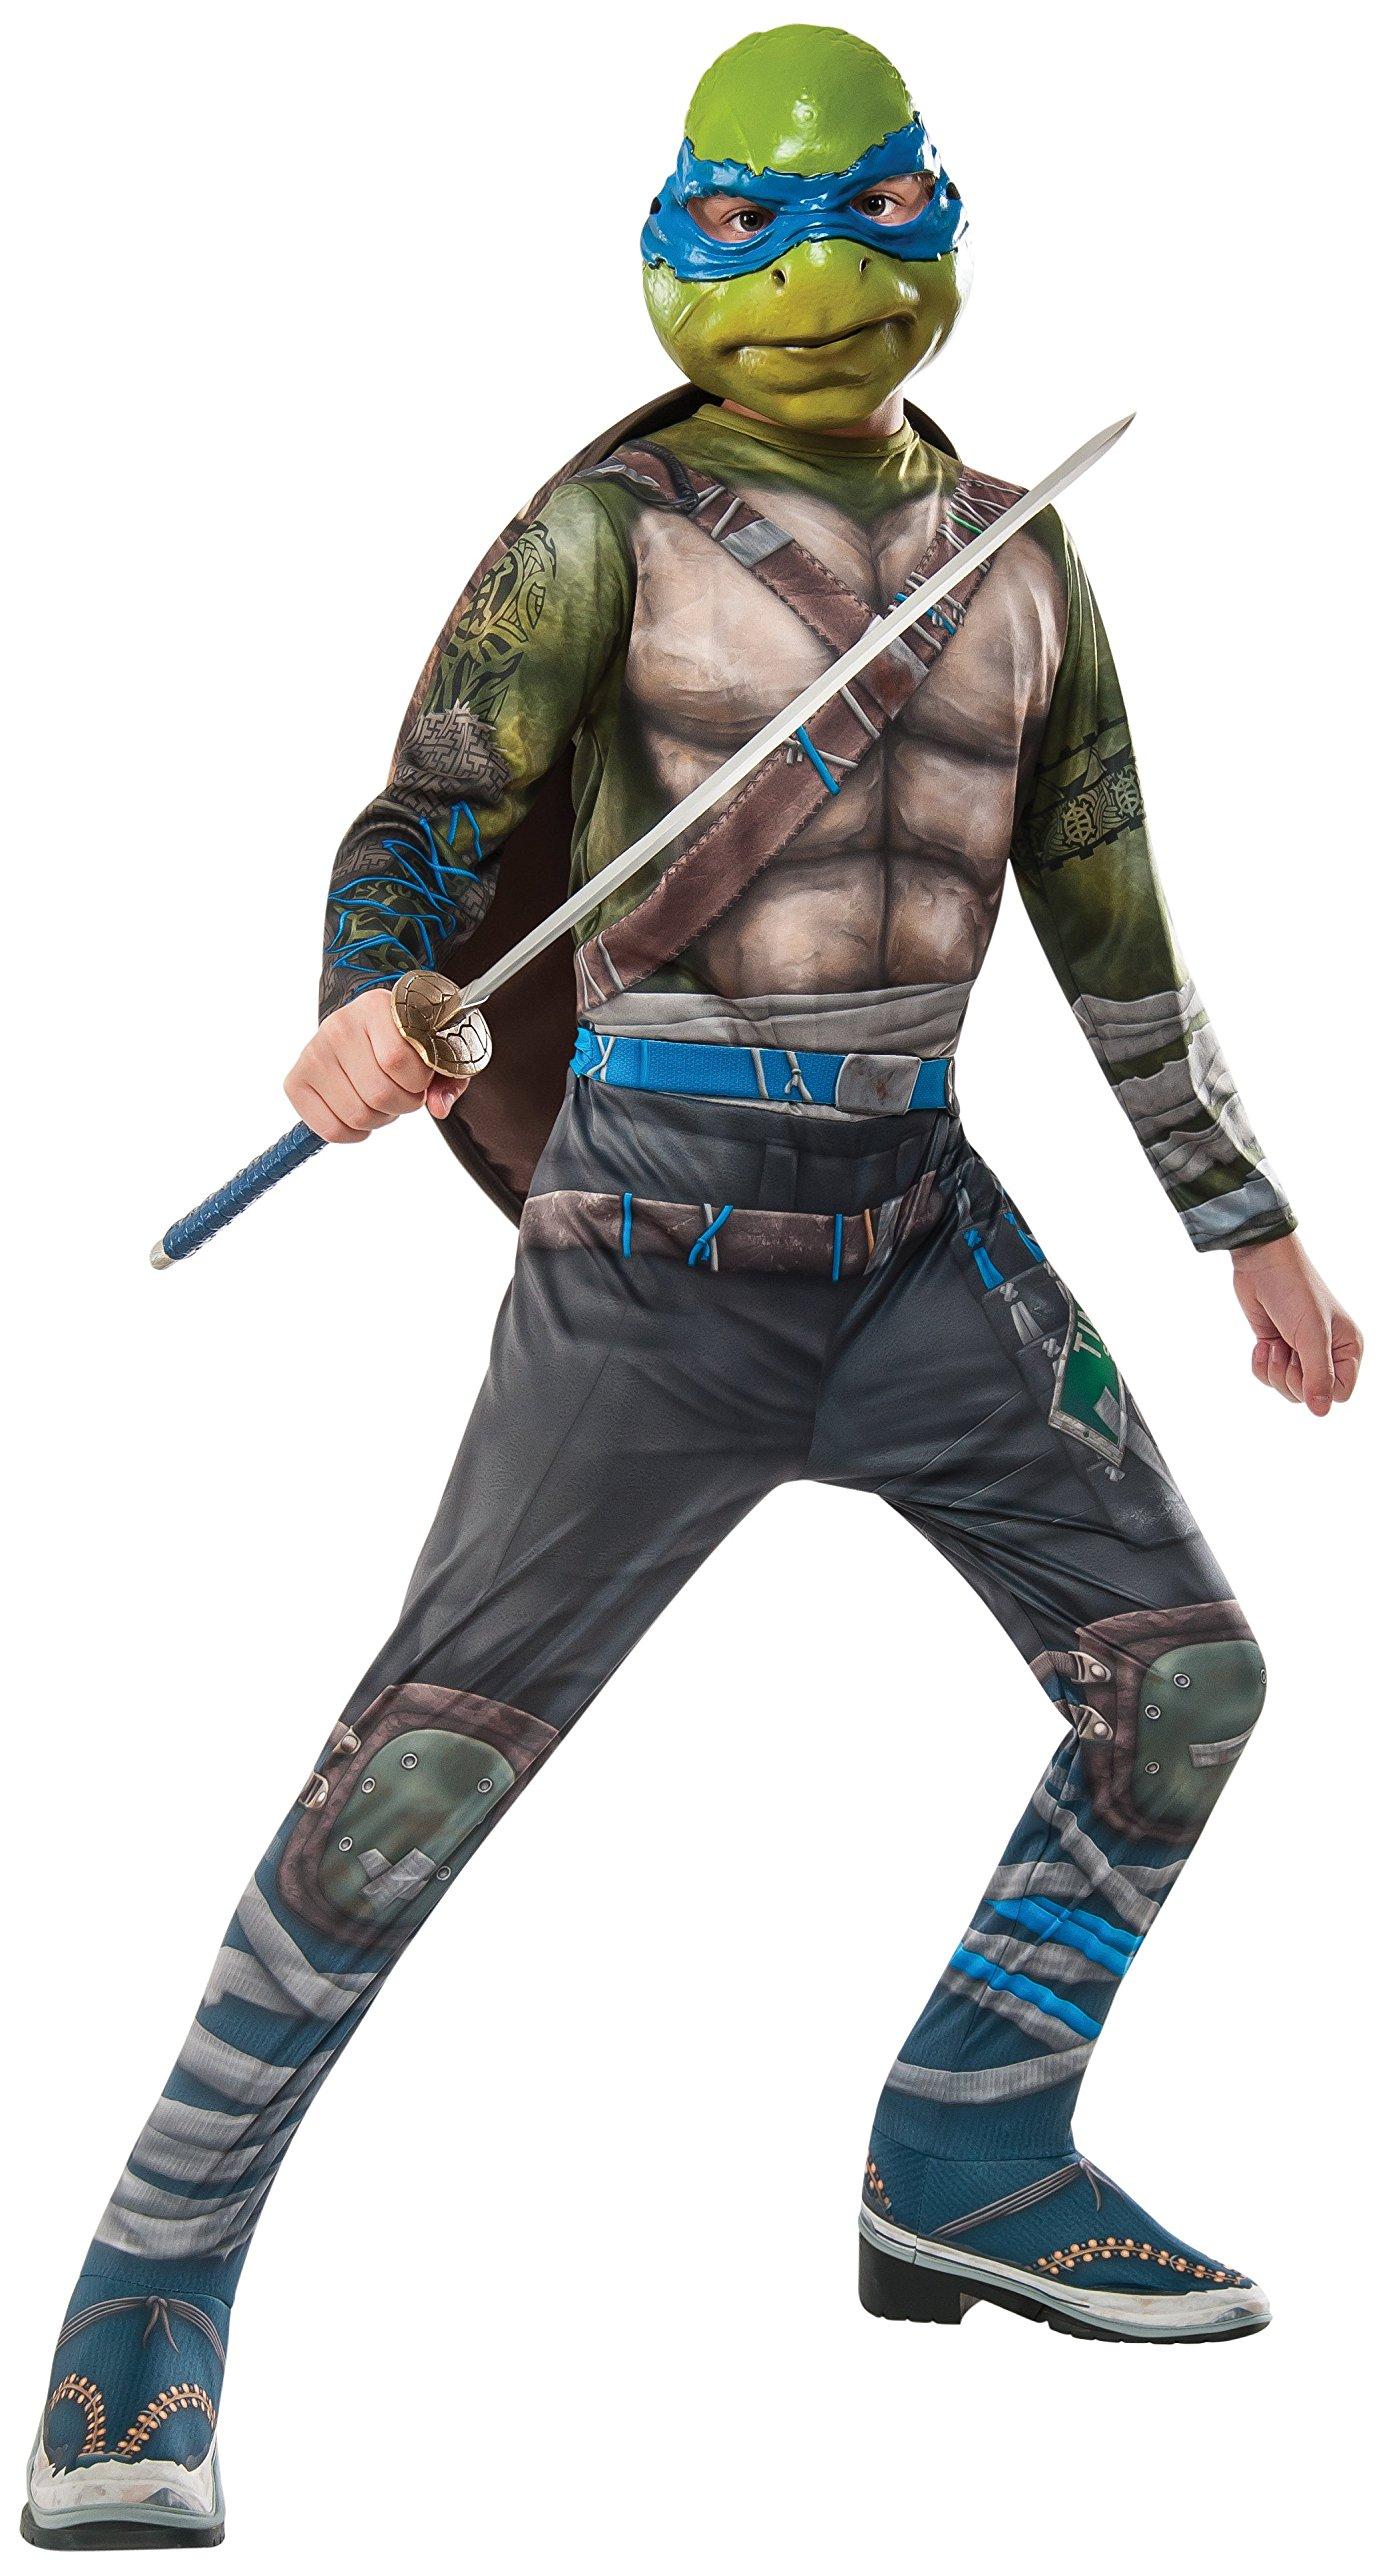 Rubie's Costume Kids Teenage Mutant Ninja Turtles 2 Value Leonardo Costume